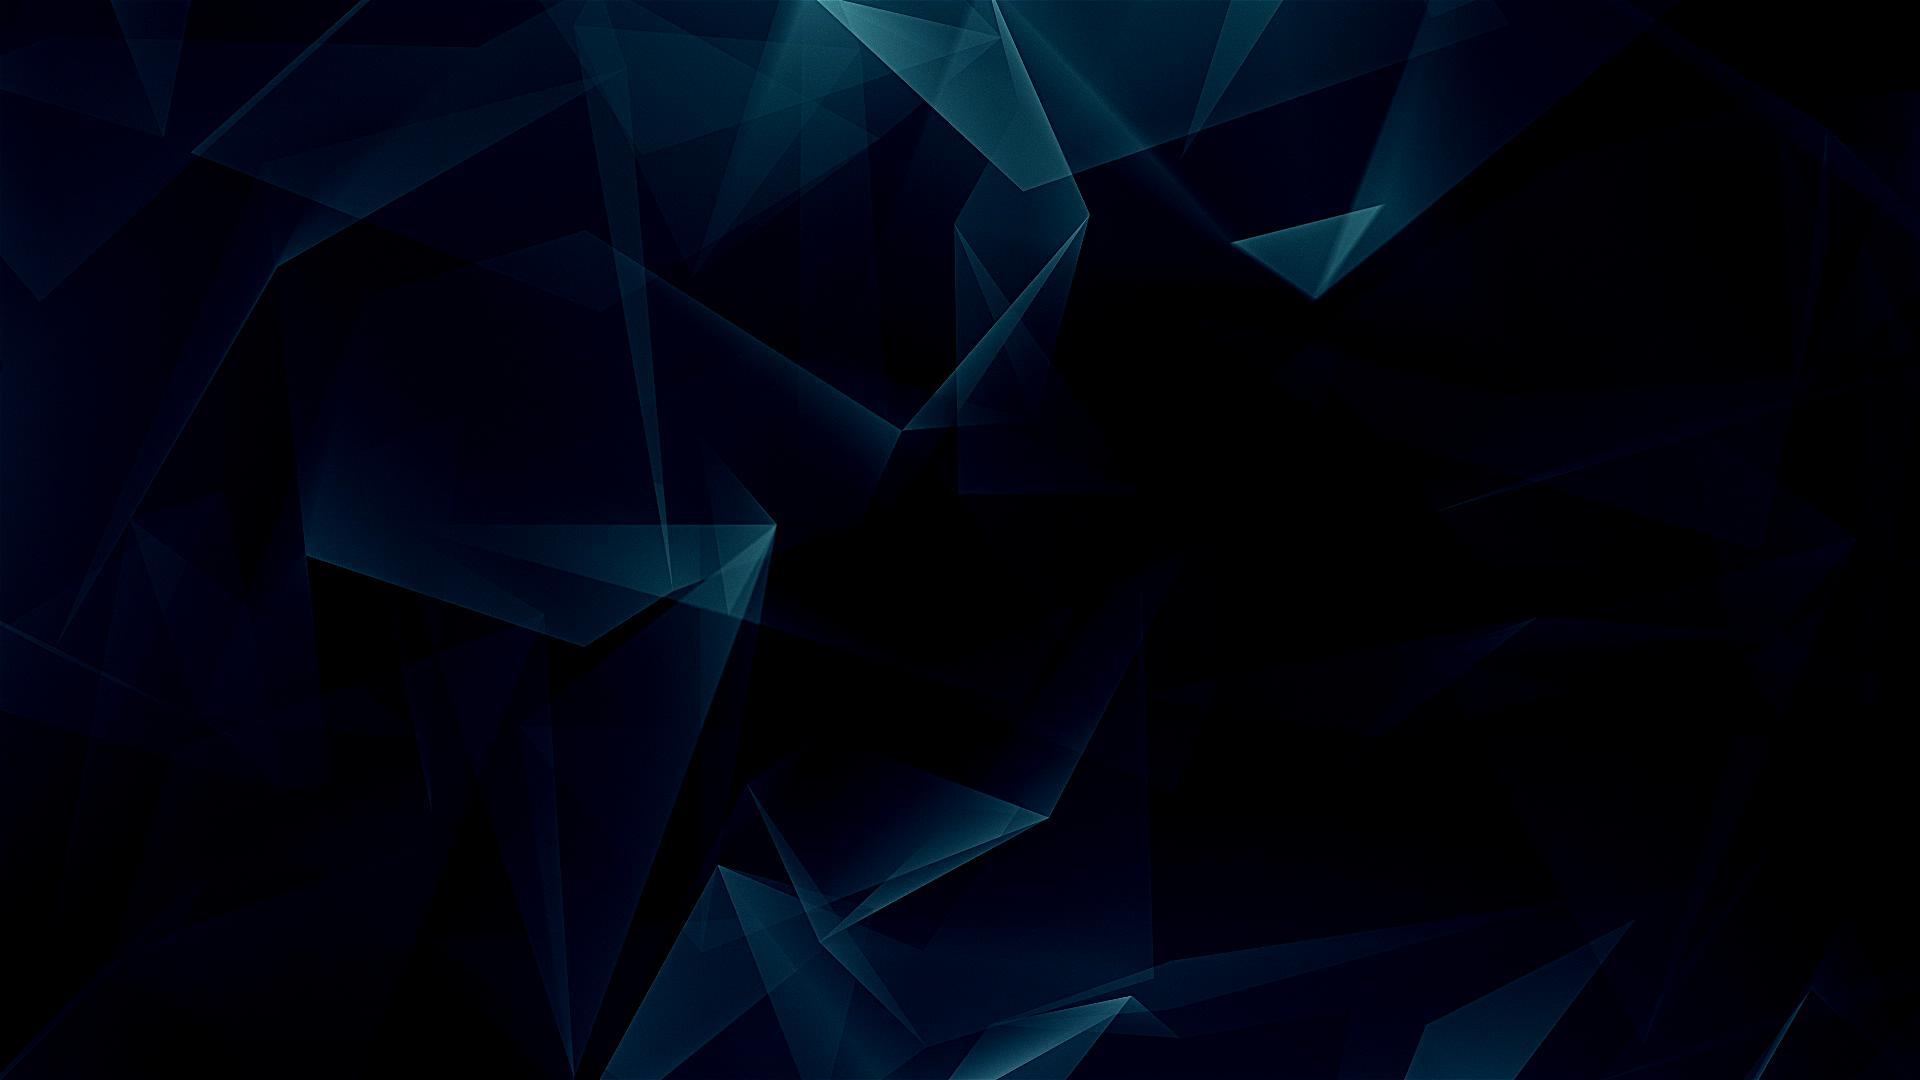 大气粒子背景视频